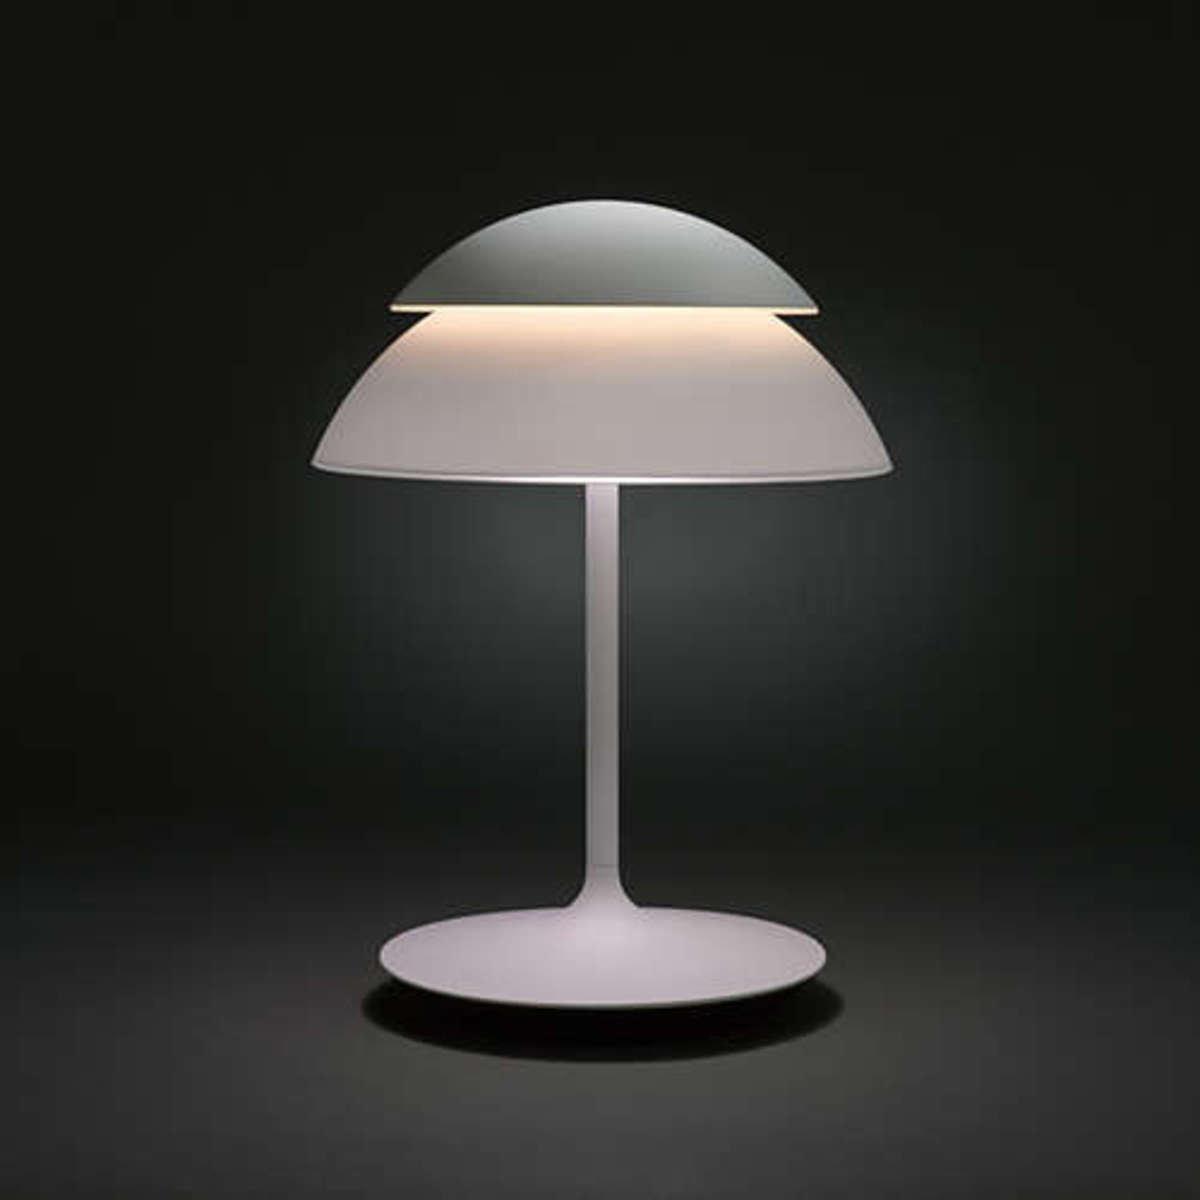 71202 Hue Beyond LED 檯燈